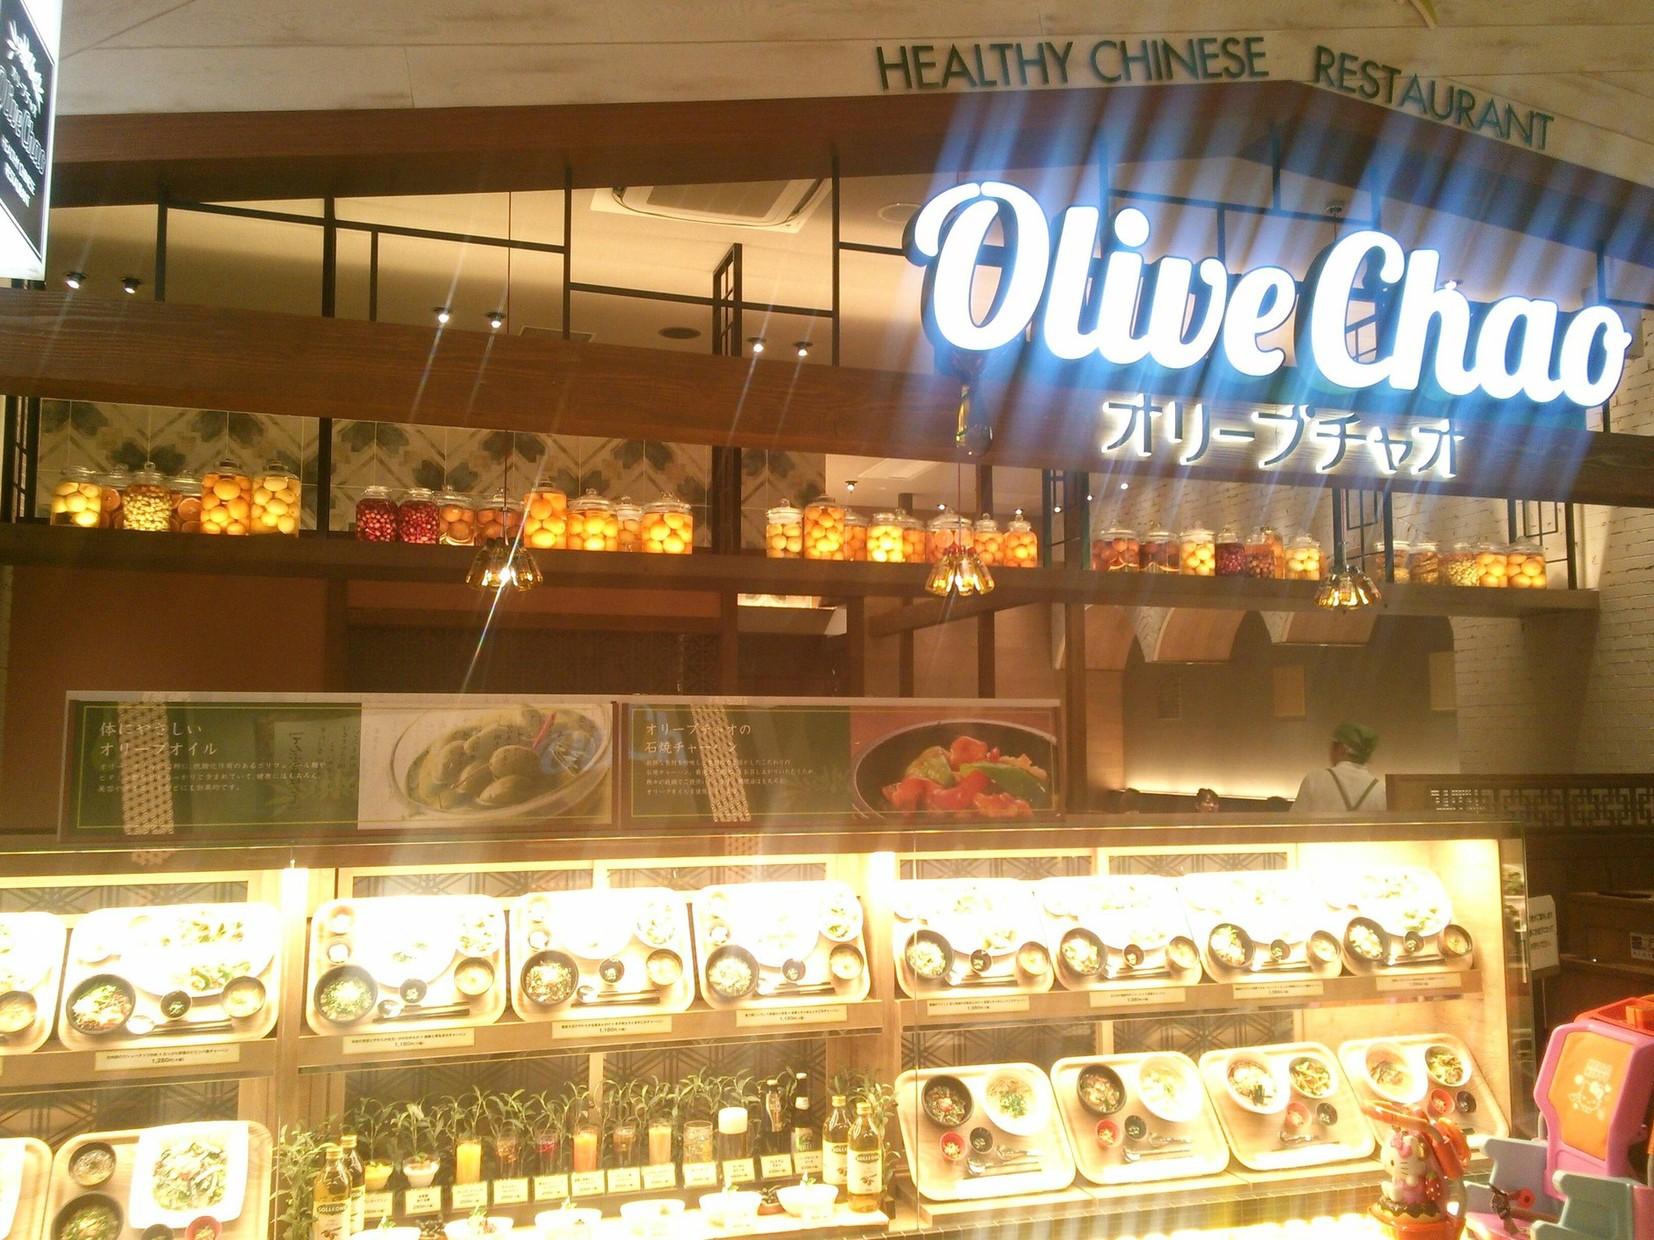 オリーブチャオ 大高店